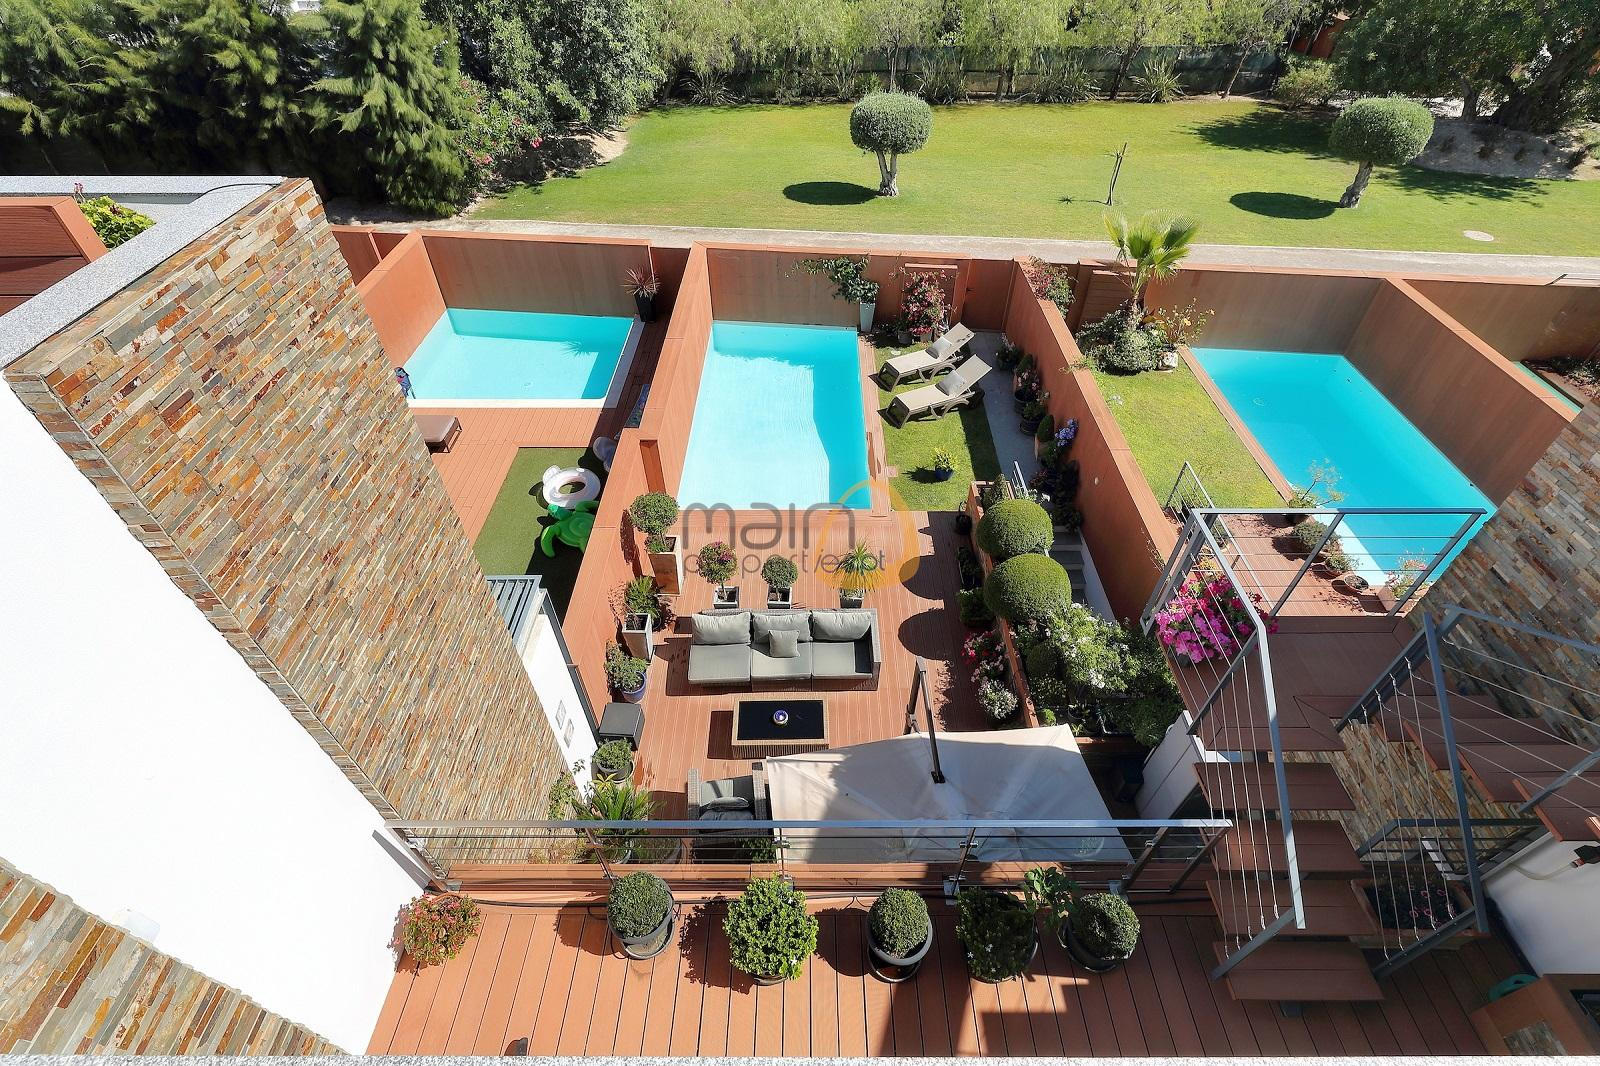 Moradia de 3 quartos em condomínio de luxo com piscina privada em Almancil